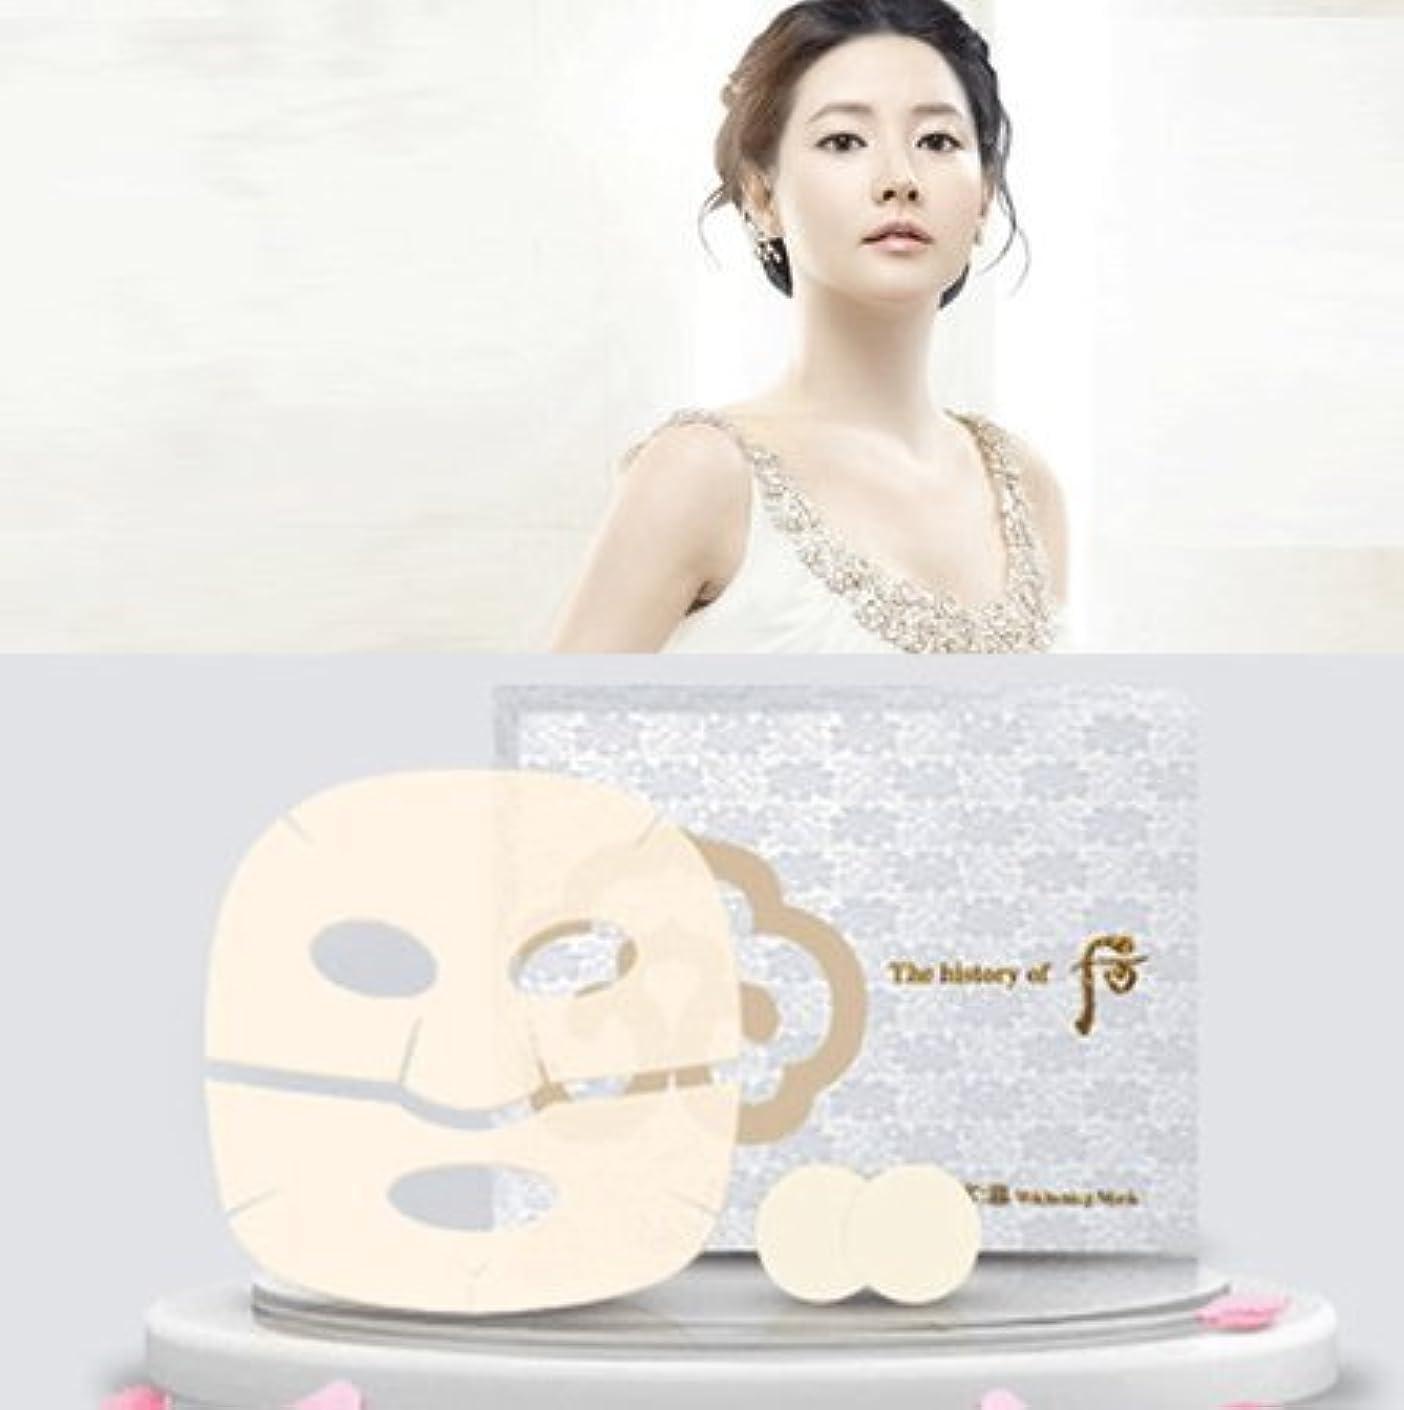 オッズペンスムス【フー/The history of whoo] Whoo后 ゴンジンヒャン 美白 光 マスク8枚入/ Gongjinhyang Mask Sheet 8ea+ Sample Gift(海外直送品)